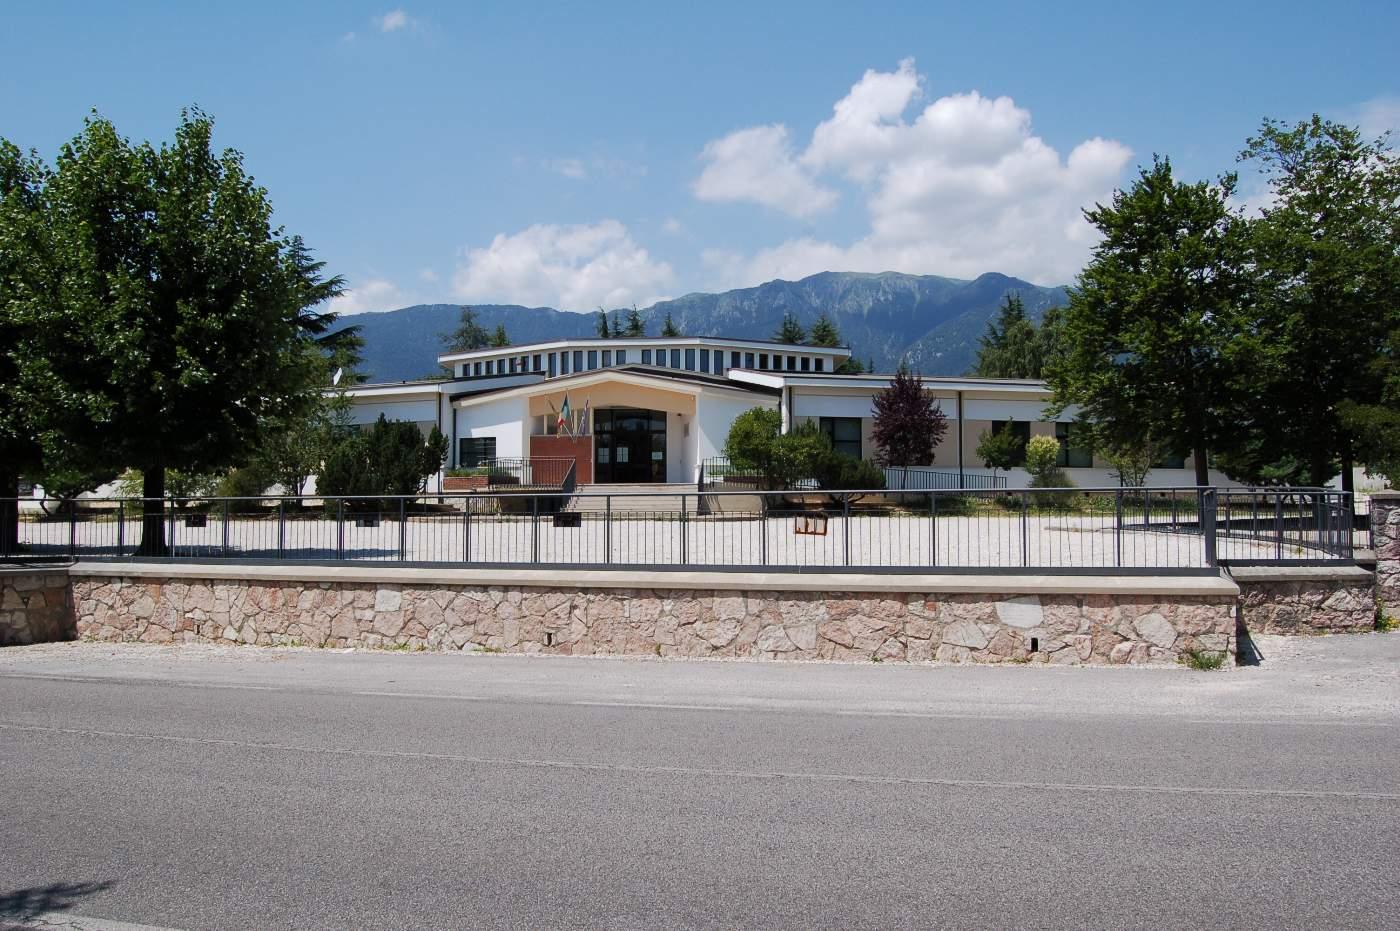 scuole elementary cagliari hotels - photo#17